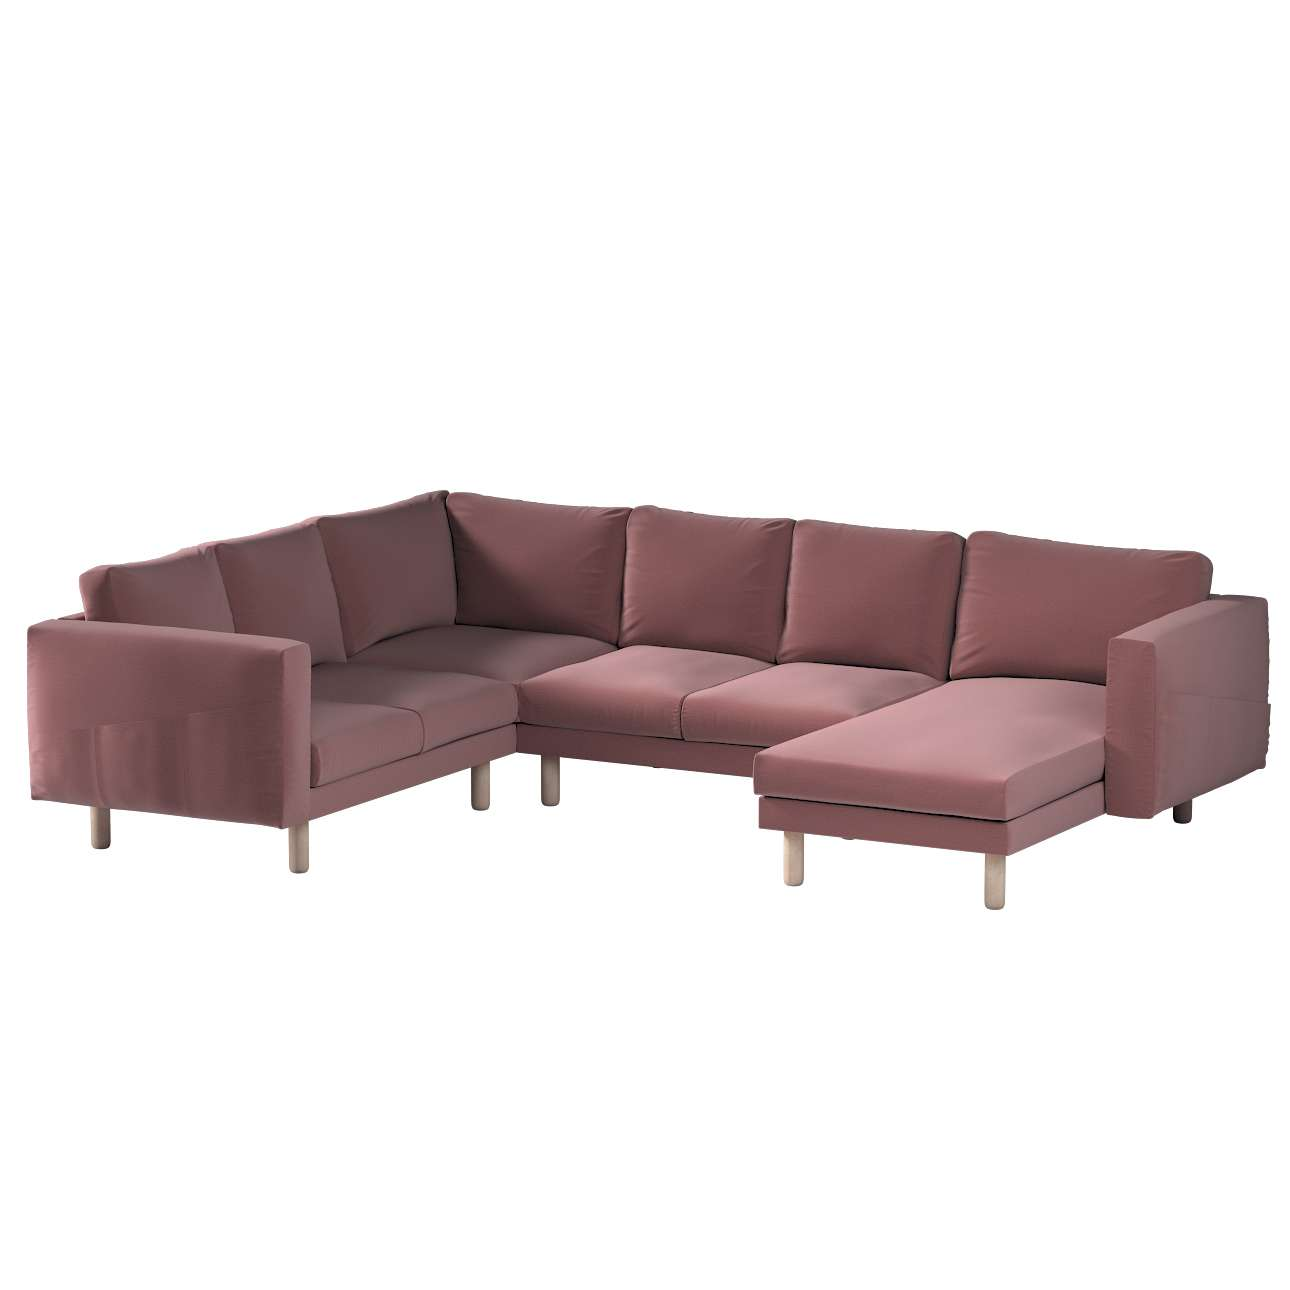 Pokrowiec na sofę narożną Norsborg 5-osobową z szezlongiem w kolekcji Ingrid, tkanina: 705-38